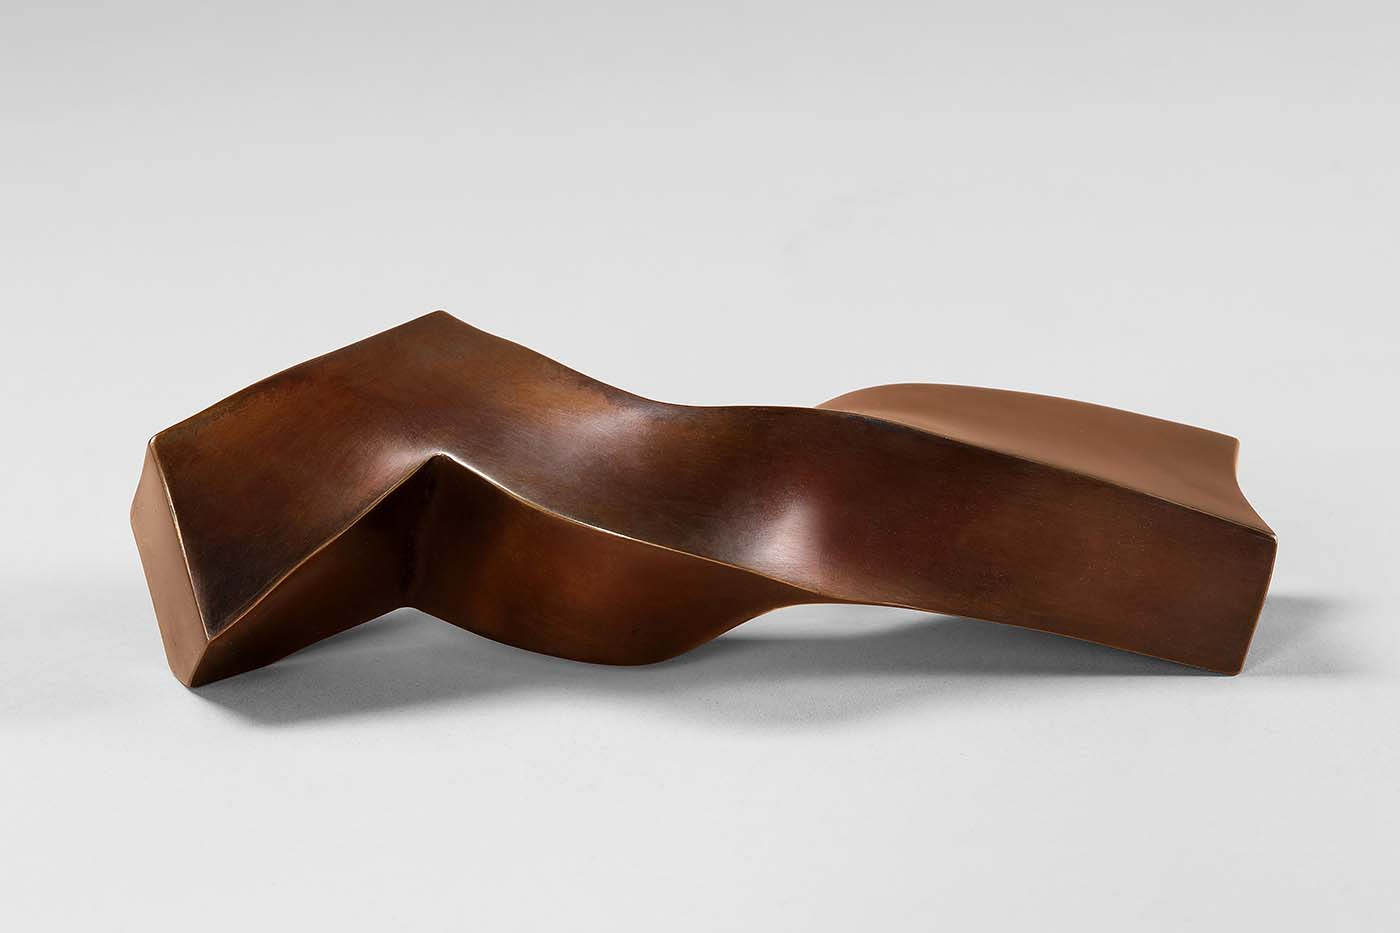 Kleiner Schlaf, 2019, Bronze, 6 x 8,5 x 20 cm, (1).jpg